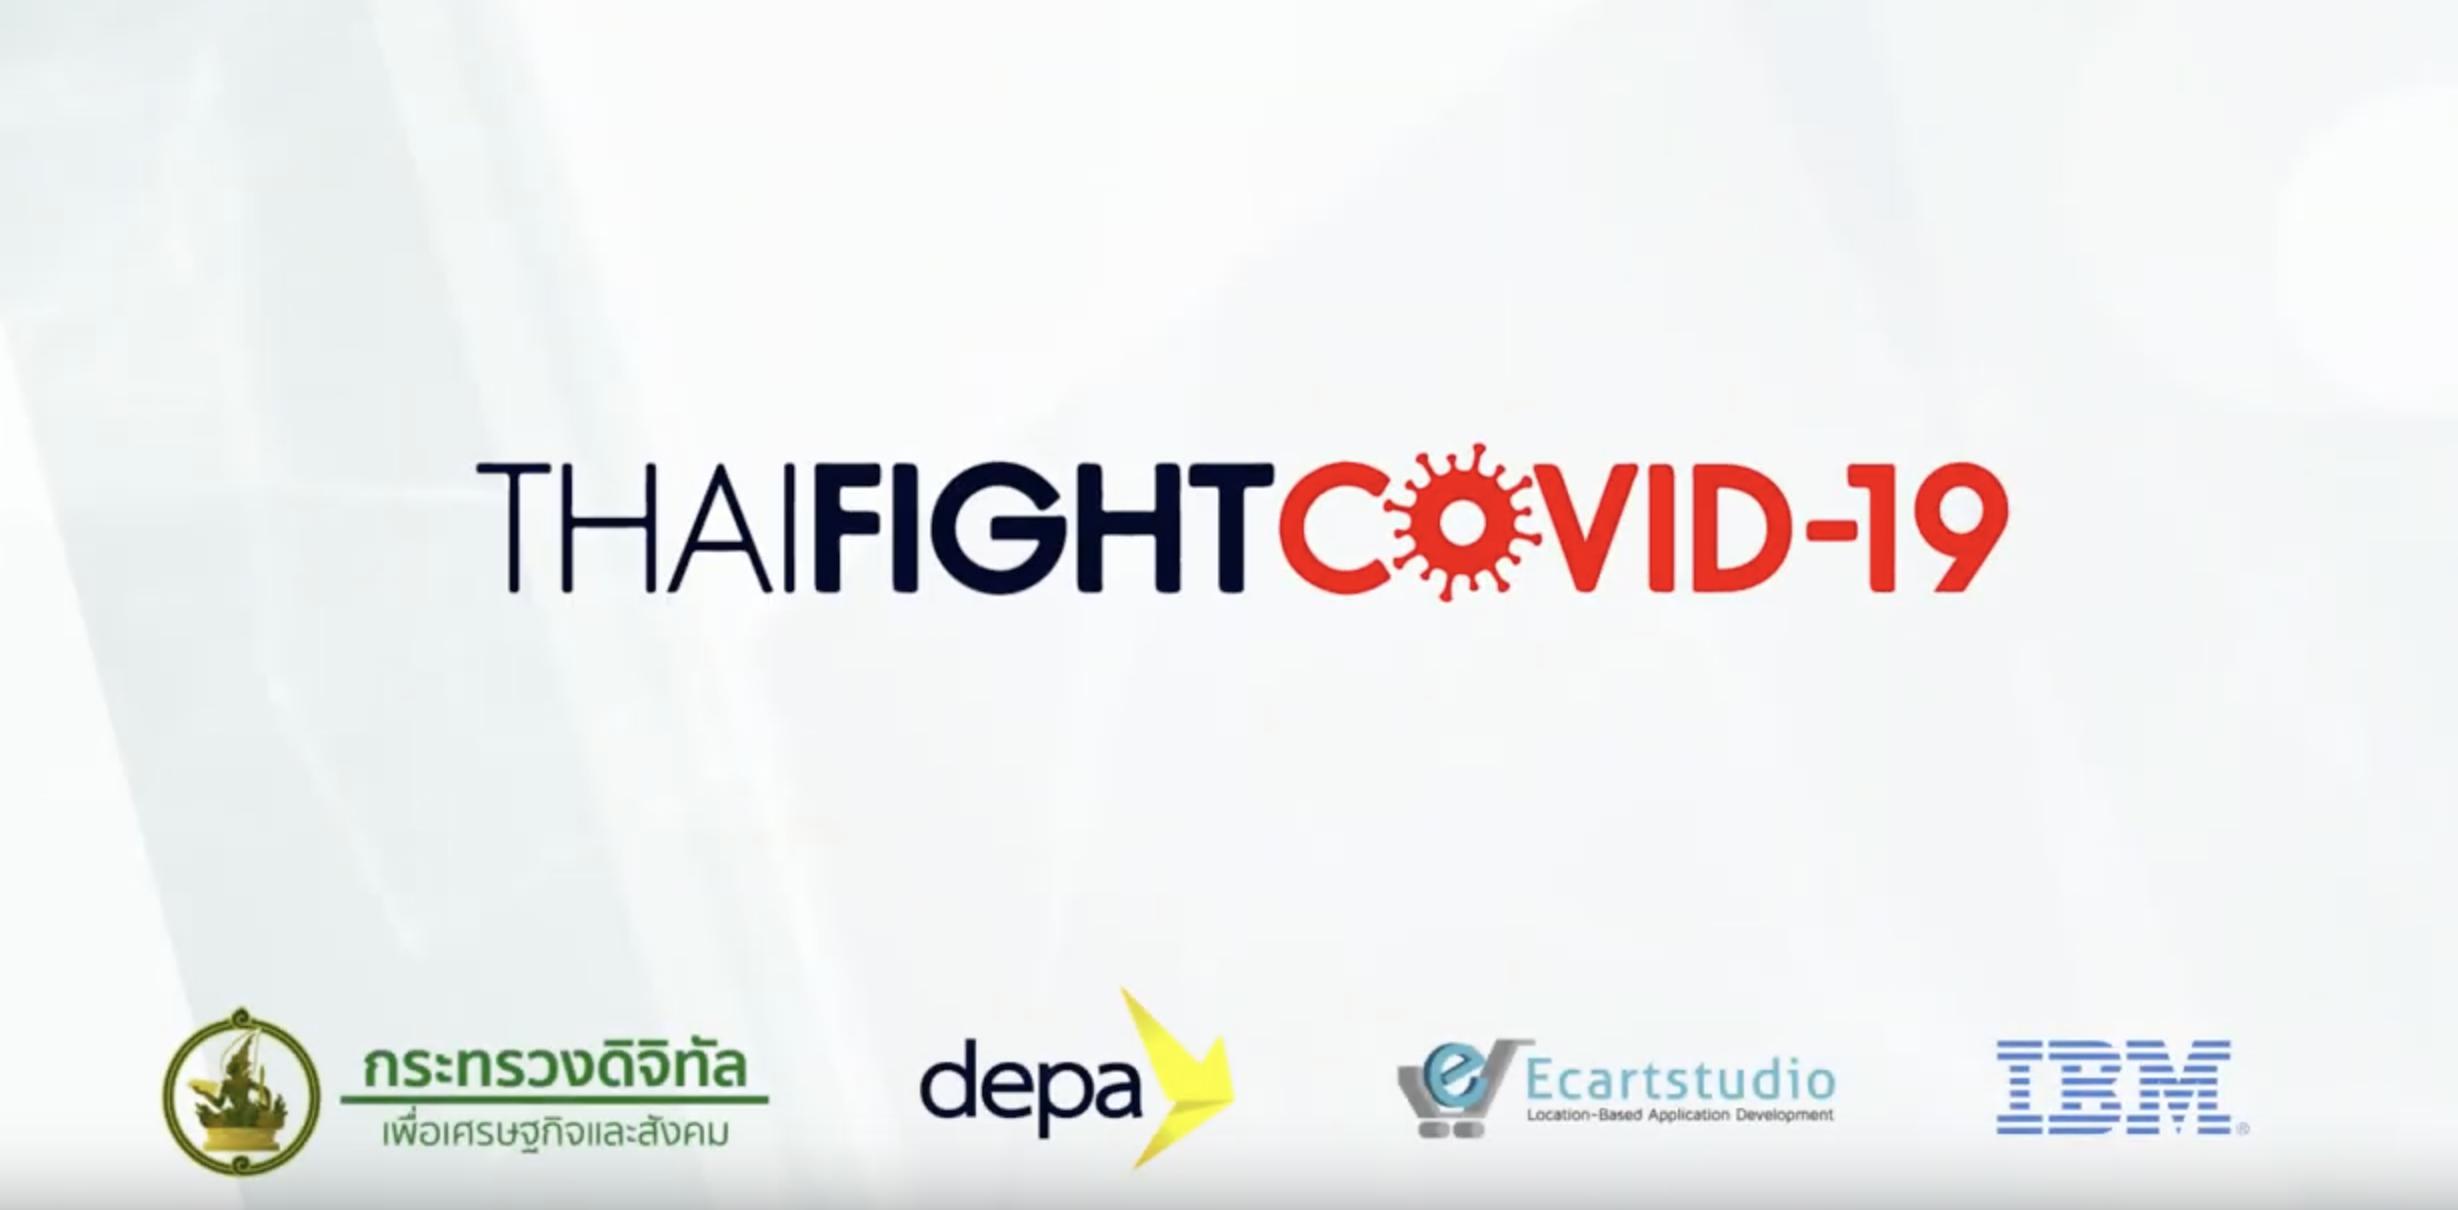 รวมทุกสิ่งที่คุณต้องรู้ จบใน App เดียว Thai Fight COVID-19 เช็คทุกข่าวสารตรงจากภาครัฐ โดยกระทรวง MDES